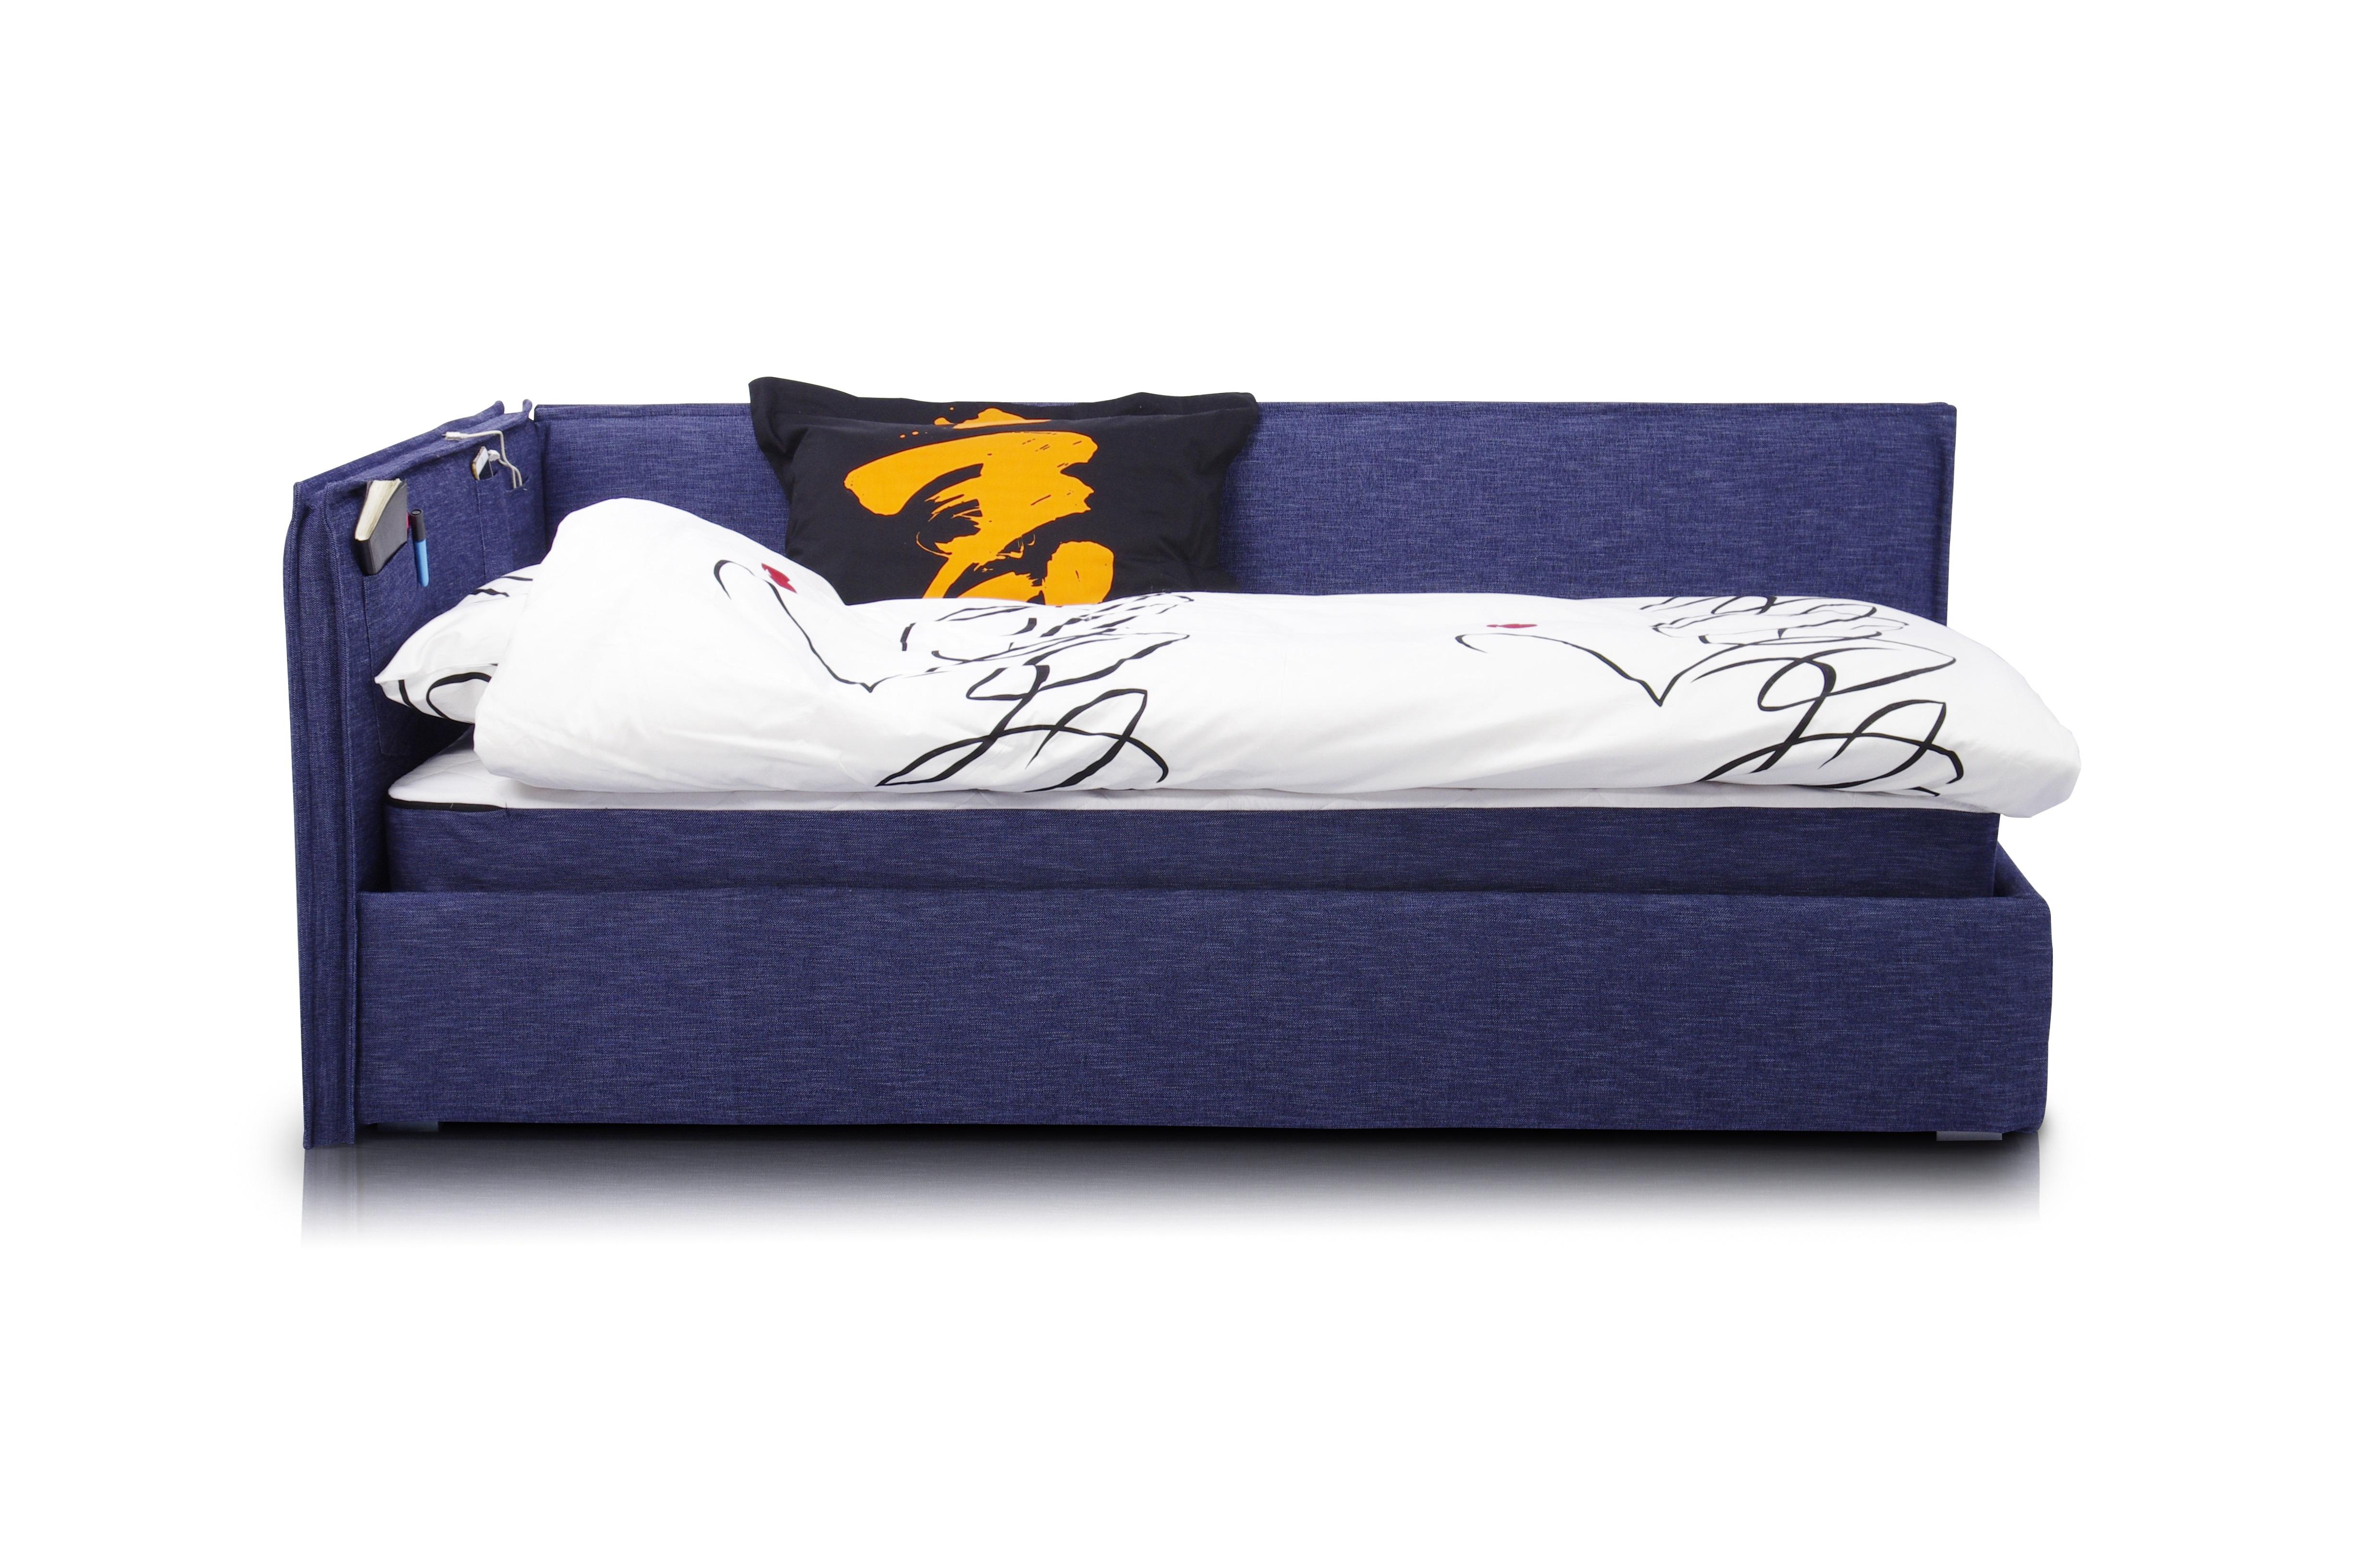 Кровать-диван SoloПрямые раскладные диваны<br>Кровать-диван  «Solo».                                                                                                                                                                                                                                                                                                                                                                                                                                                                                                    Штатный размер посадочного и спального места 200х120<br>Ортопедическое основание  входит в комплект <br>Ортопедический матрас в комплекте.<br>Элемент дизайна: отличается современным дизайном и высокой функциональностью. Он занимает мало места и способен вписаться в помещение,оформленное в любом стиле <br>Цвет синий Denim<br>Все чехлы съемные на липучках (можно чистить)&amp;amp;nbsp;&amp;lt;div&amp;gt;&amp;lt;br&amp;gt;&amp;lt;div&amp;gt;&amp;lt;br&amp;gt;&amp;lt;/div&amp;gt;&amp;lt;div&amp;gt;Опции:&amp;amp;nbsp;&amp;lt;/div&amp;gt;&amp;lt;div&amp;gt;Варианты спальных мест&amp;amp;nbsp;&amp;lt;/div&amp;gt;&amp;lt;div&amp;gt;200x90&amp;amp;nbsp;&amp;lt;/div&amp;gt;&amp;lt;div&amp;gt;190х90&amp;amp;nbsp;&amp;lt;/div&amp;gt;&amp;lt;div&amp;gt;200x100&amp;amp;nbsp;&amp;lt;/div&amp;gt;&amp;lt;div&amp;gt;190x100&amp;amp;nbsp;&amp;lt;/div&amp;gt;&amp;lt;div&amp;gt;190x120&amp;amp;nbsp;&amp;lt;/div&amp;gt;&amp;lt;div&amp;gt;&amp;lt;br&amp;gt;&amp;lt;/div&amp;gt;&amp;lt;div&amp;gt;Возможна установка подъемного механизма.&amp;amp;nbsp;&amp;lt;/div&amp;gt;&amp;lt;div&amp;gt;Цены на опции уточняйте у менеджеров.&amp;lt;/div&amp;gt;&amp;lt;div&amp;gt;Подушка, одеяло, постельное белье и дополнительные предметы в комплект не входят&amp;lt;/div&amp;gt;&amp;lt;/div&amp;gt;<br><br>Material: Текстиль<br>Ширина см: 210<br>Высота см: 90<br>Глубина см: 130